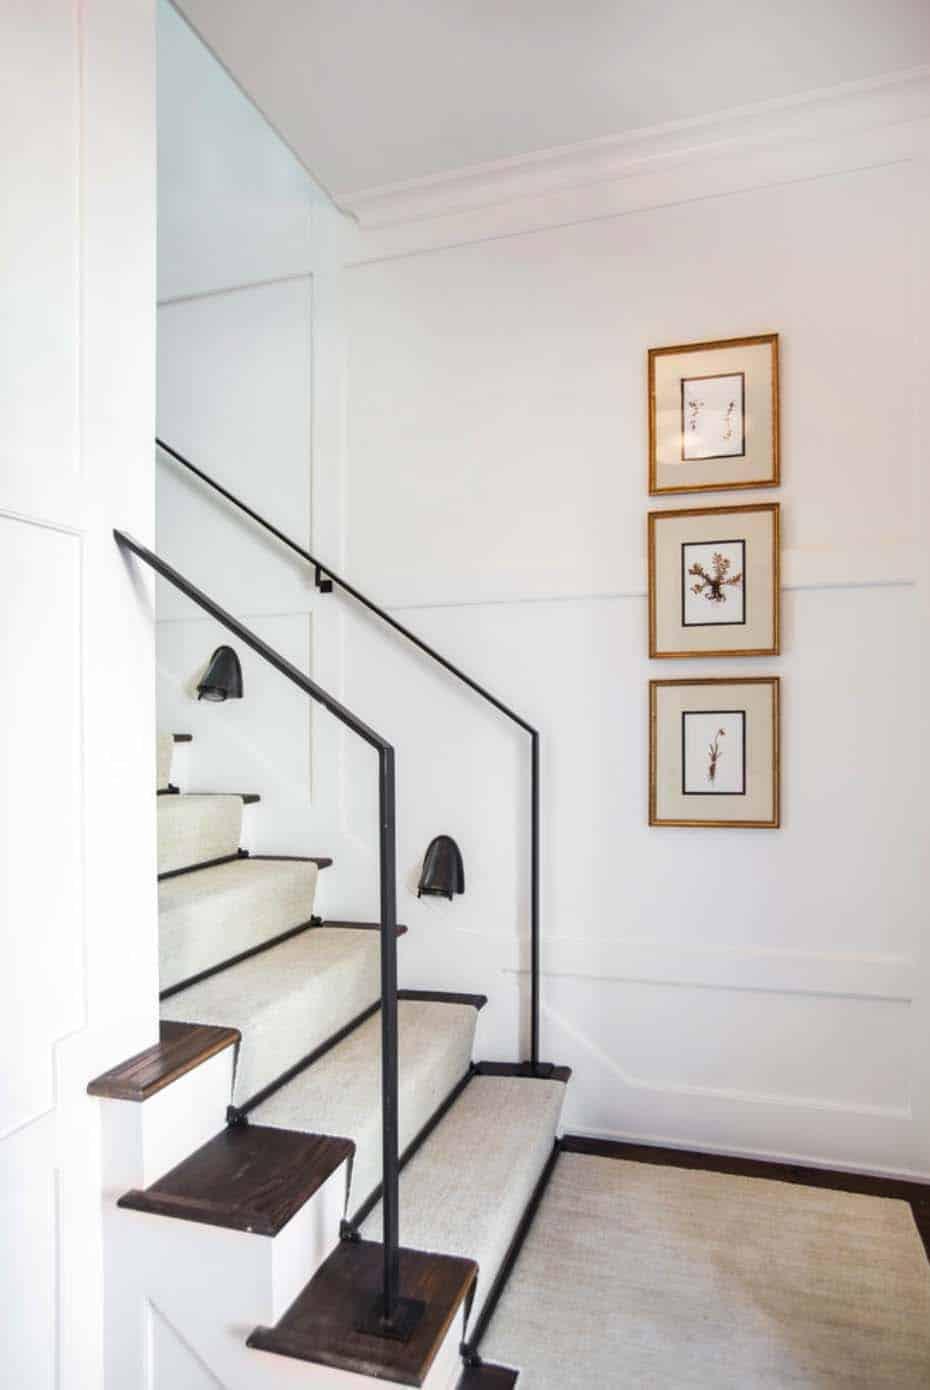 Maison d'hôtes de style cottage-Marie Flanigan Interiors-13-1 Kindesign